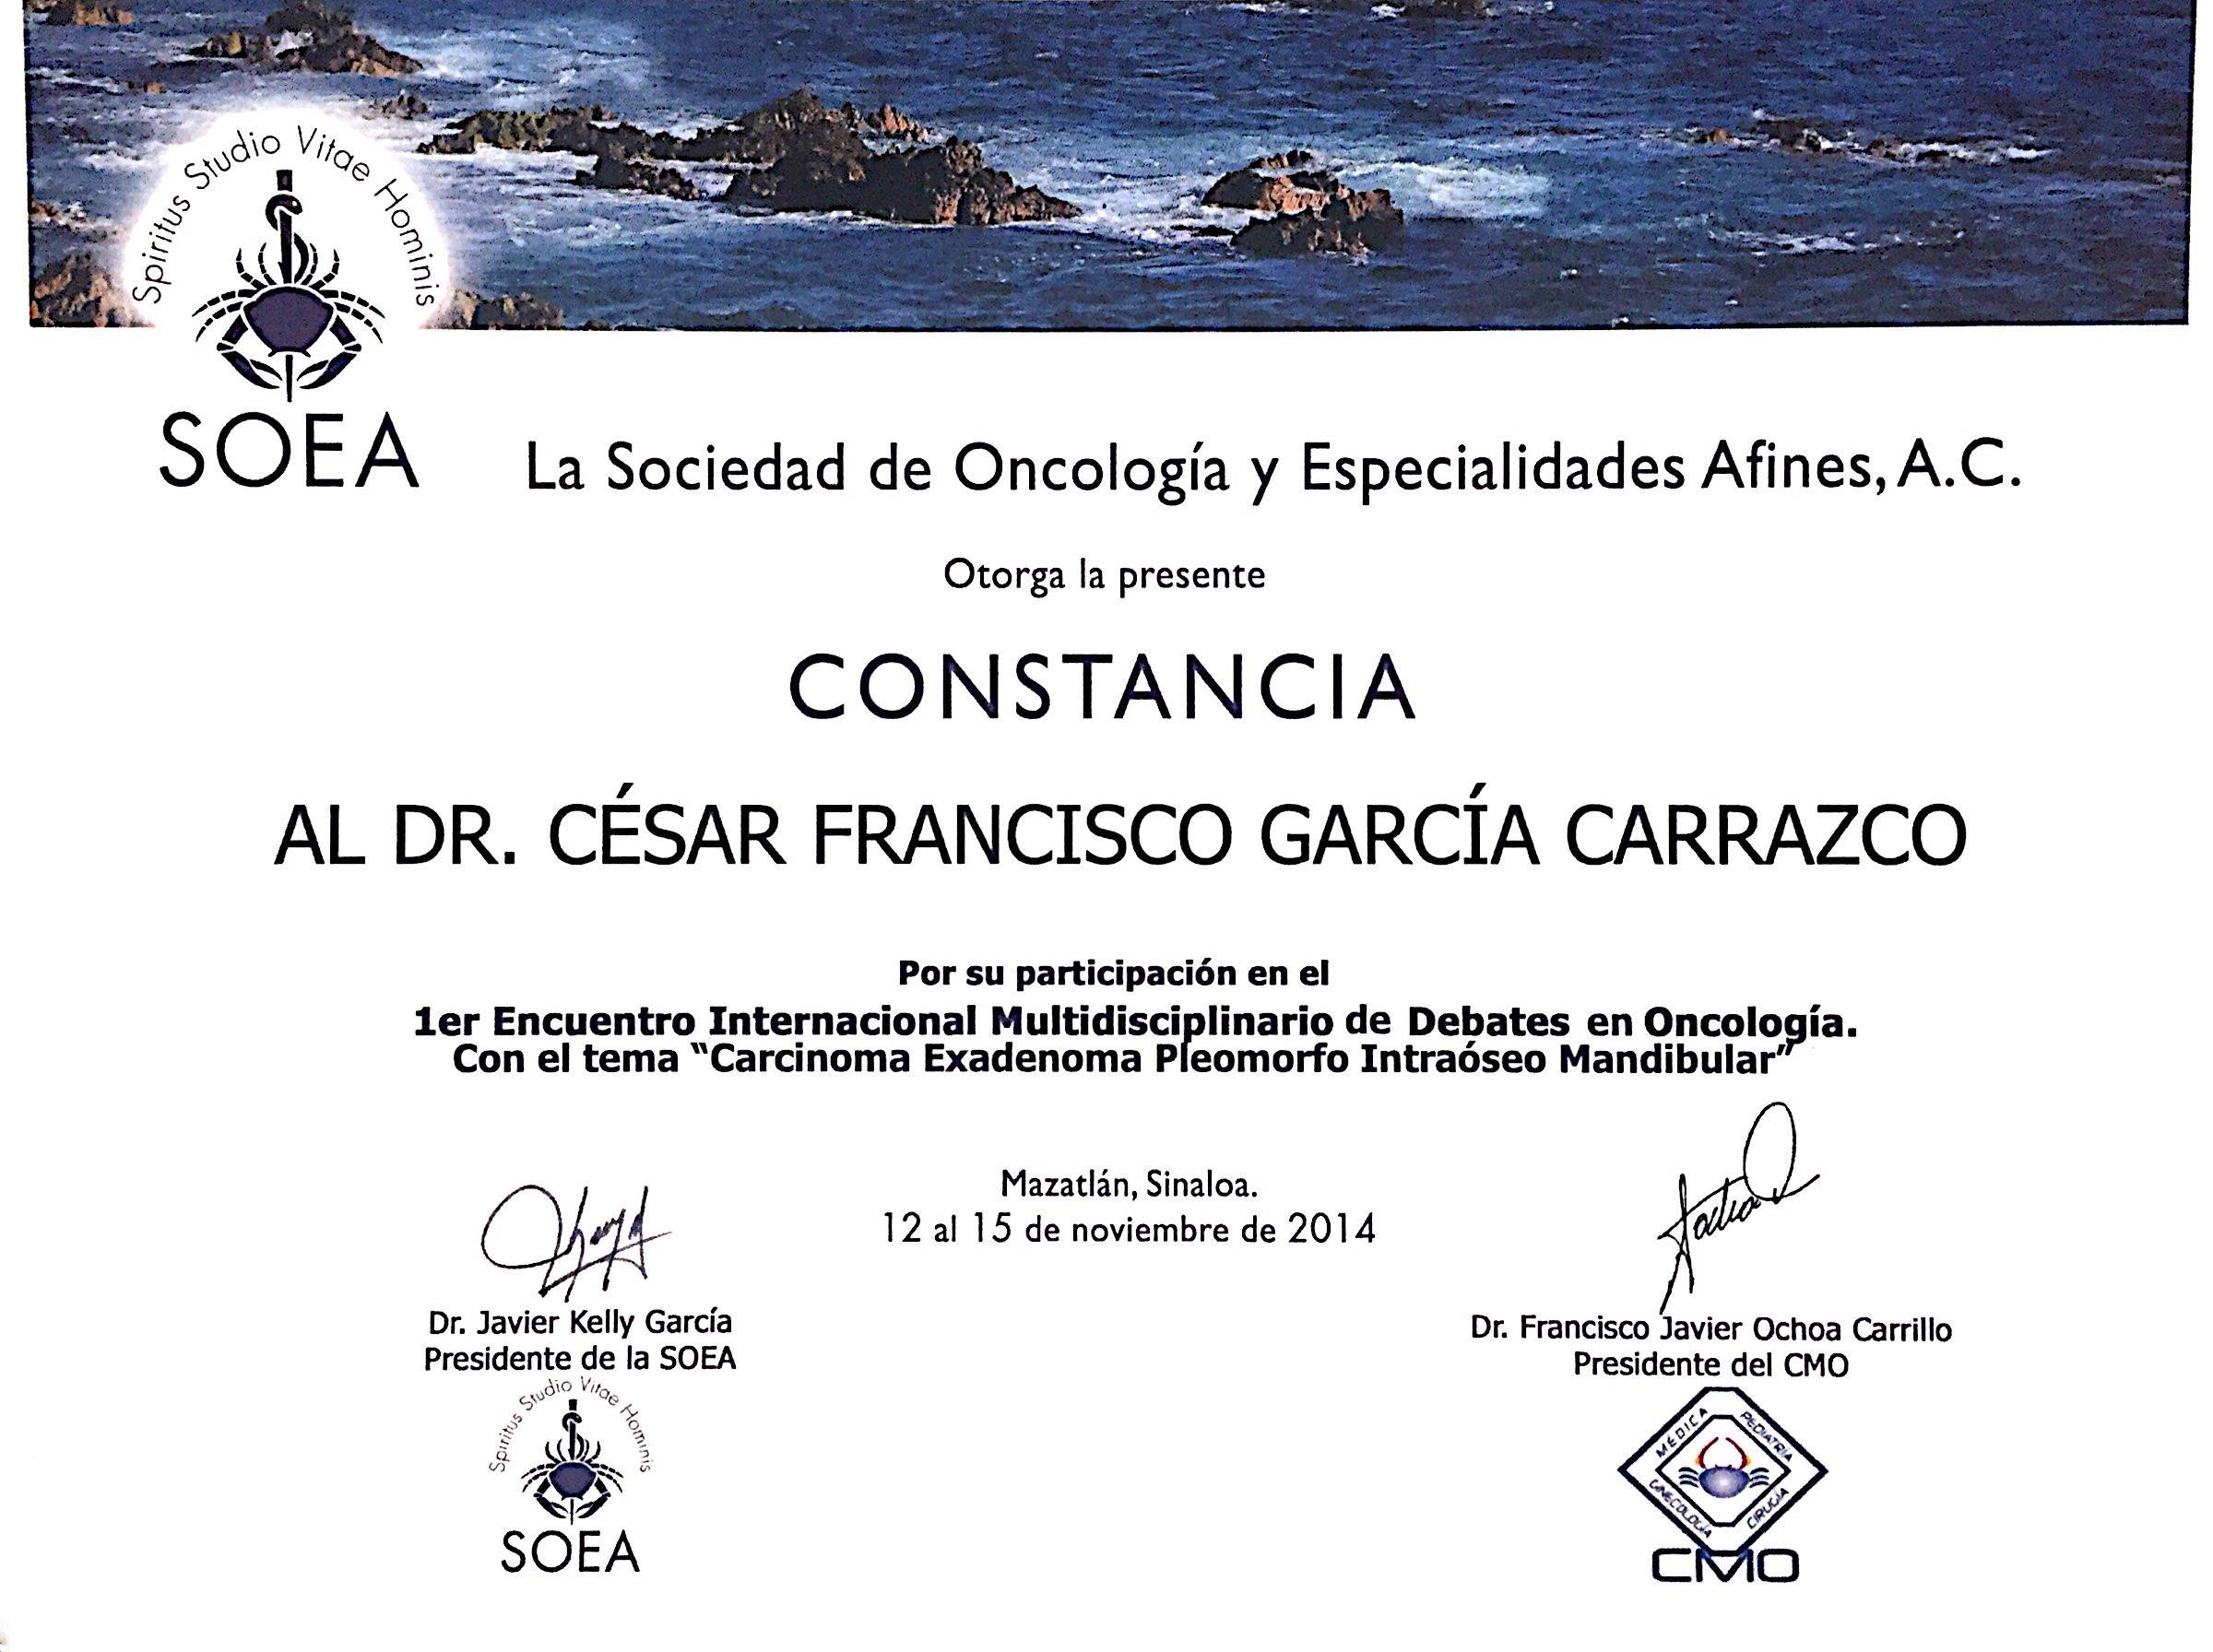 Dr. Garcia Carrazco_55